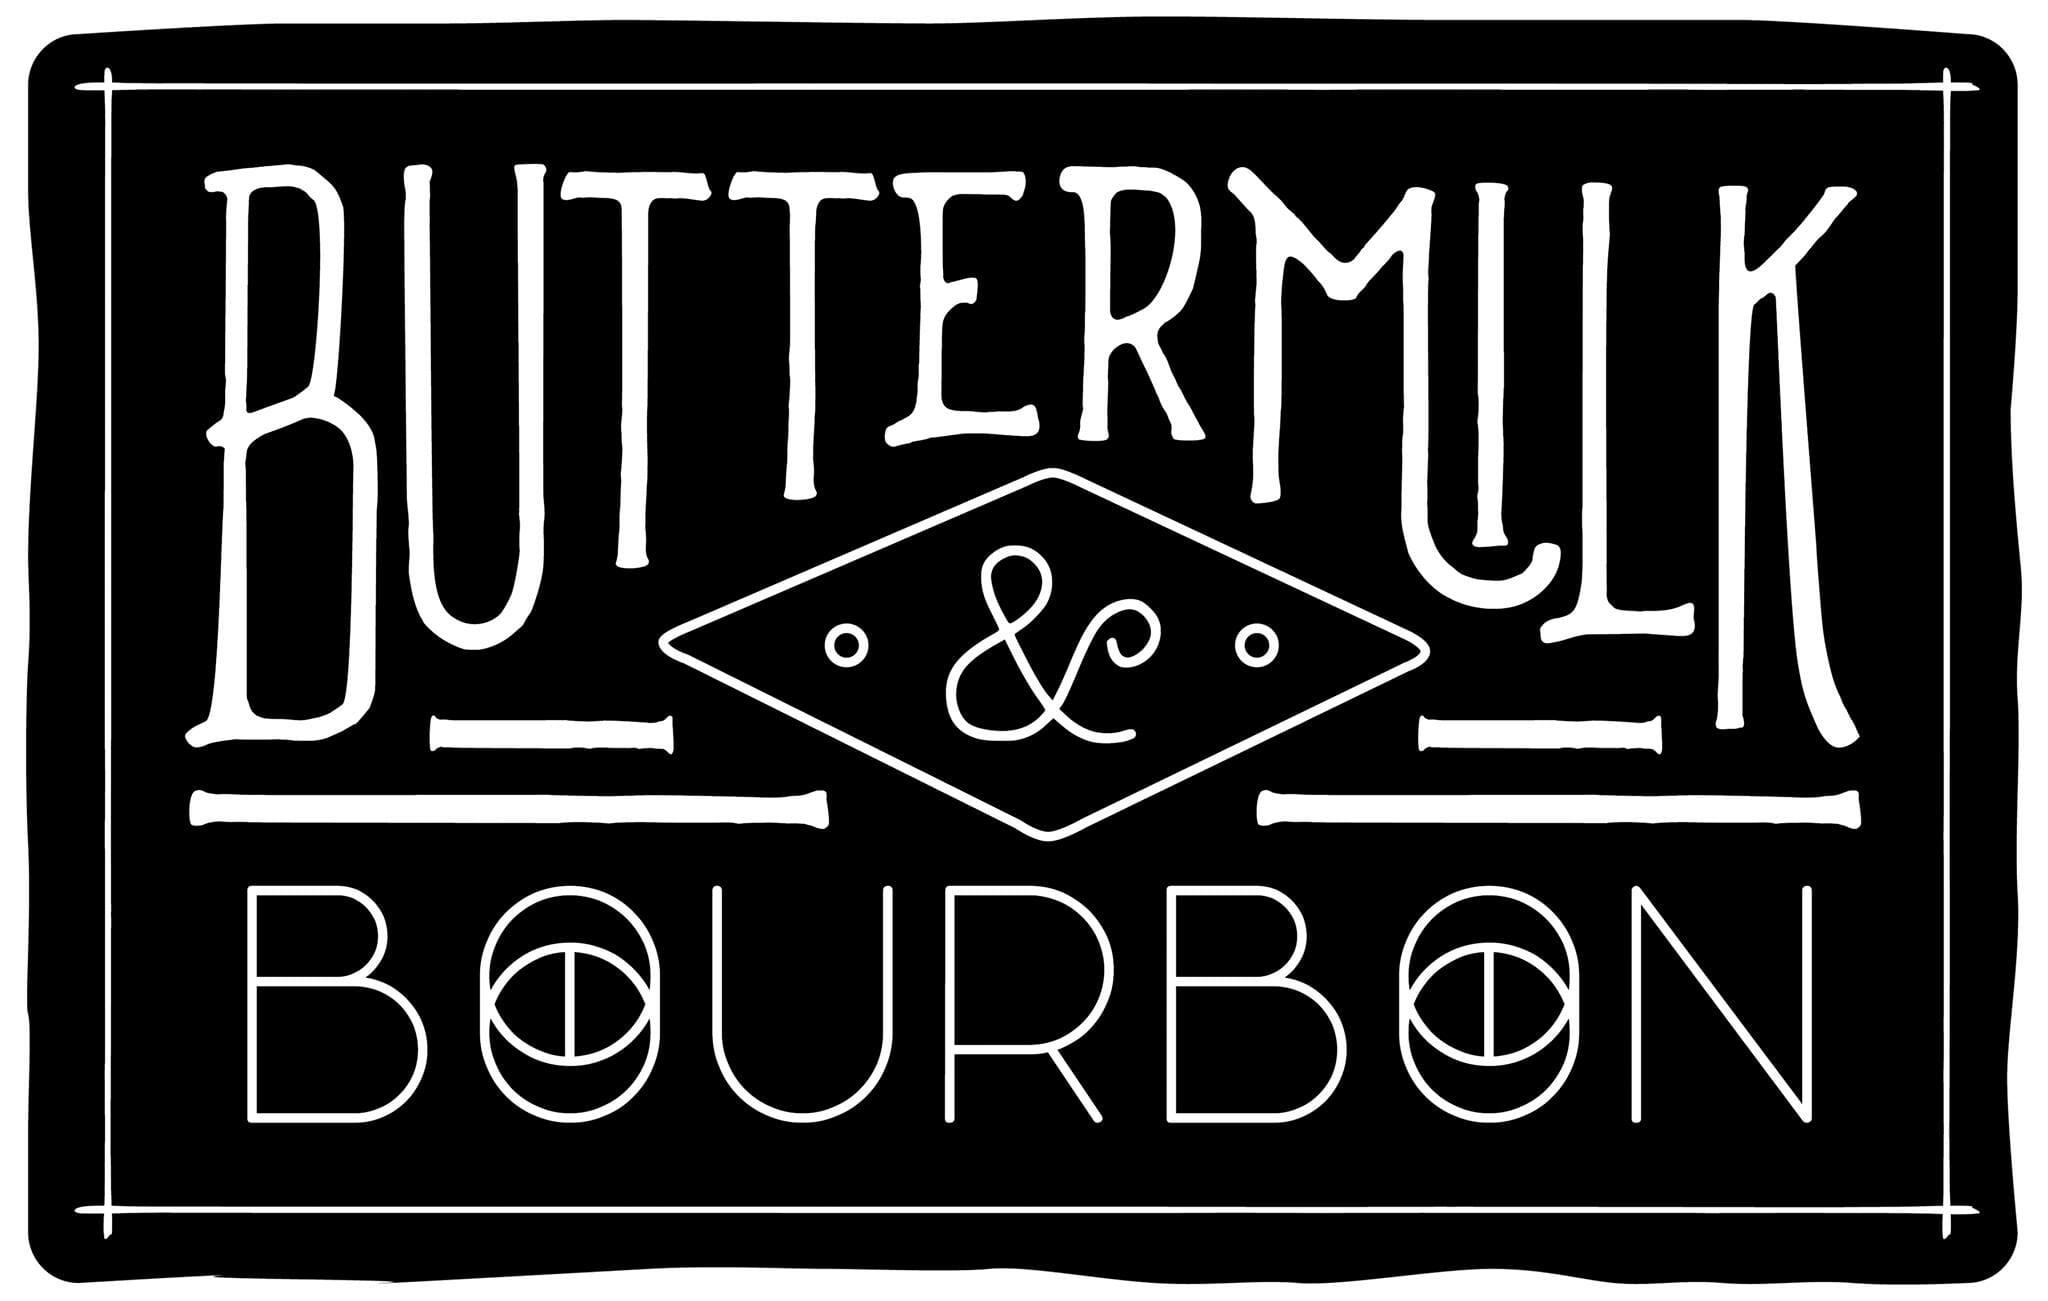 Buttermilk & Bourbon - Now Open!